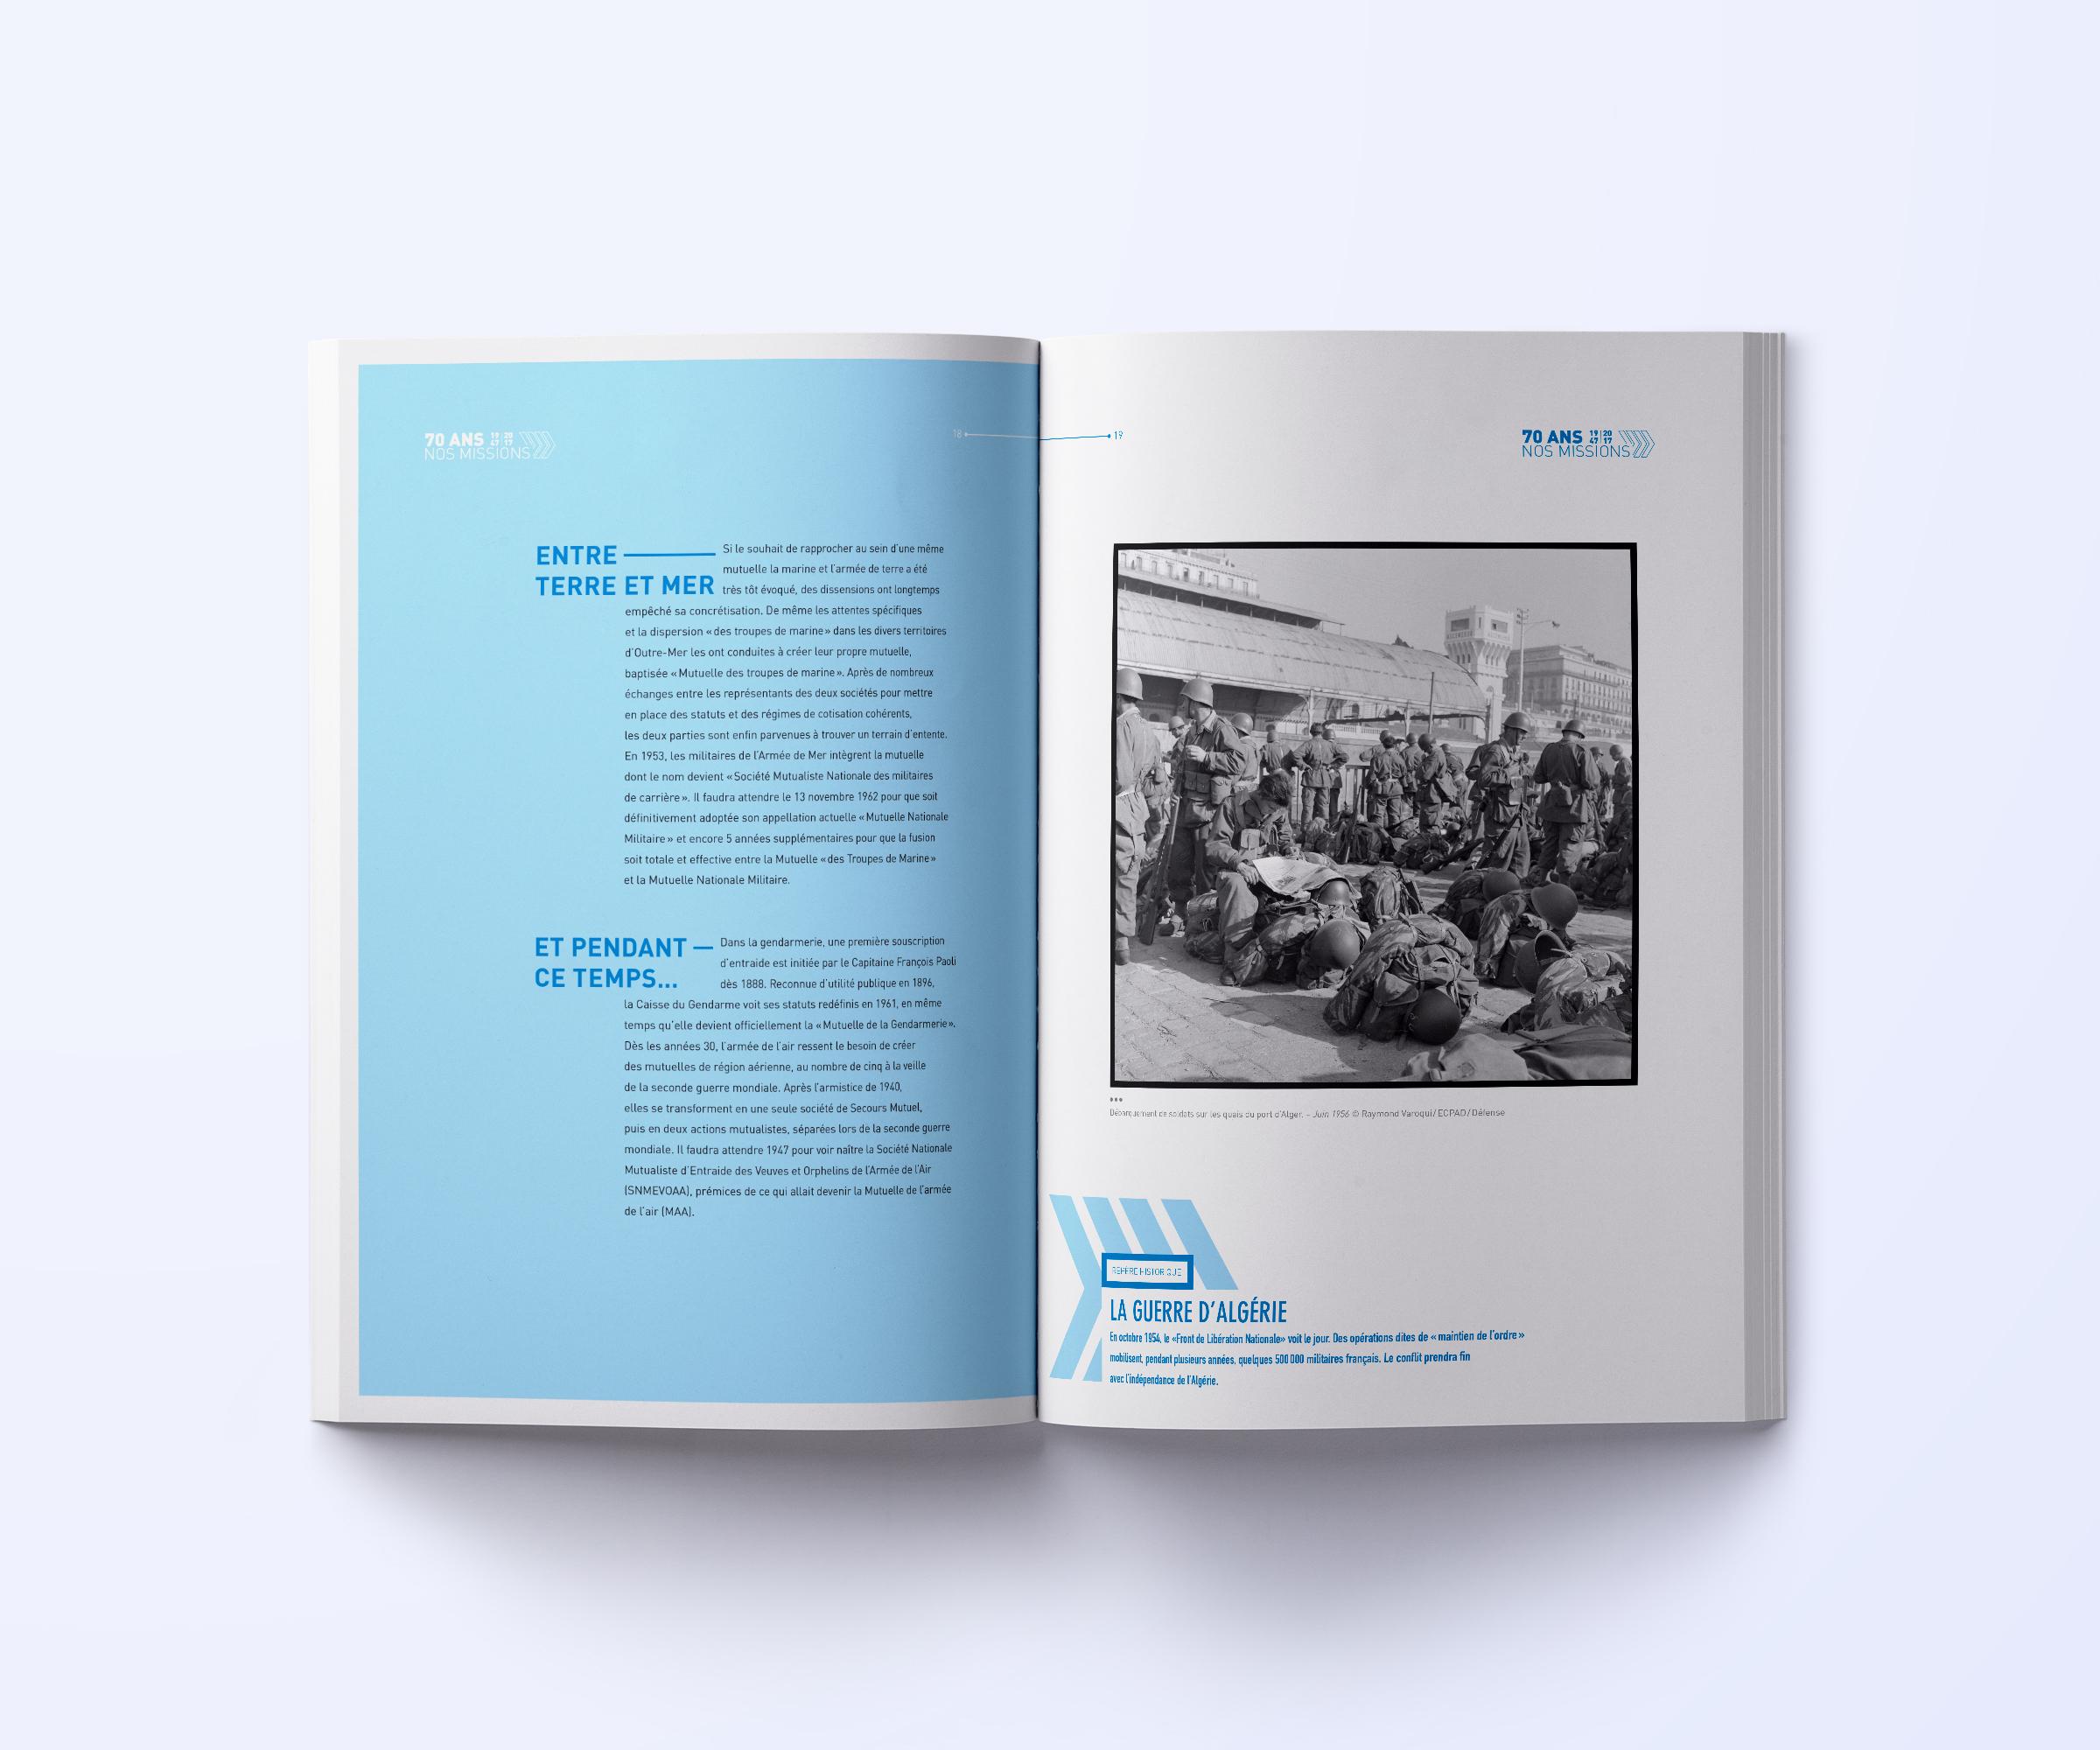 Conception pages intérieures rapport annuel Mutuelle Nationale Militaire